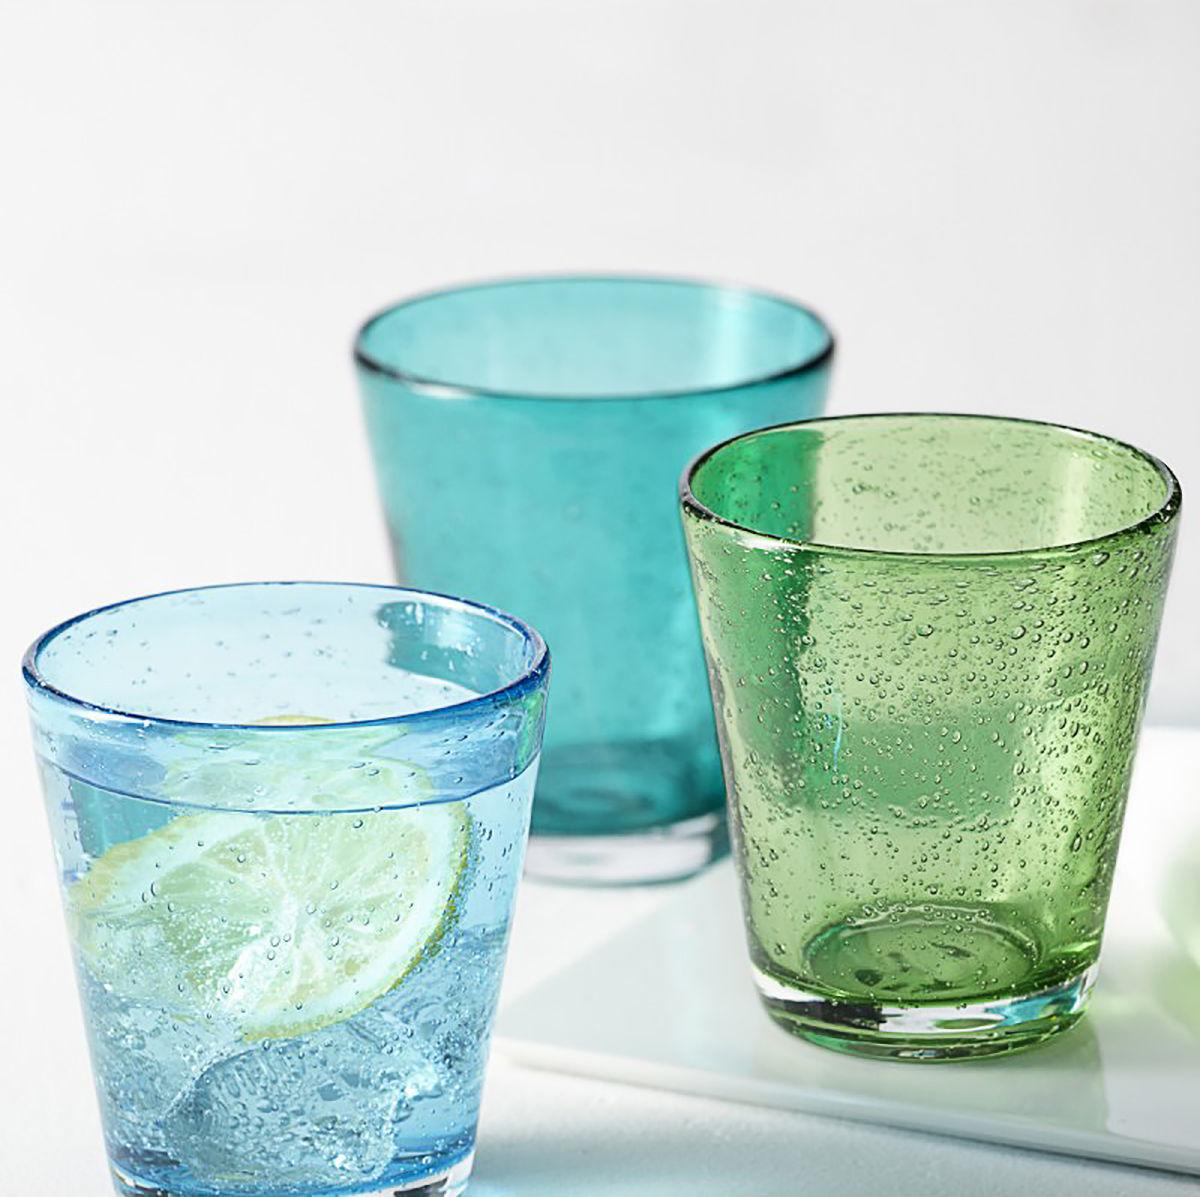 Burano Glass Set Of 4 Hand Made Cold Colors By Leonardo